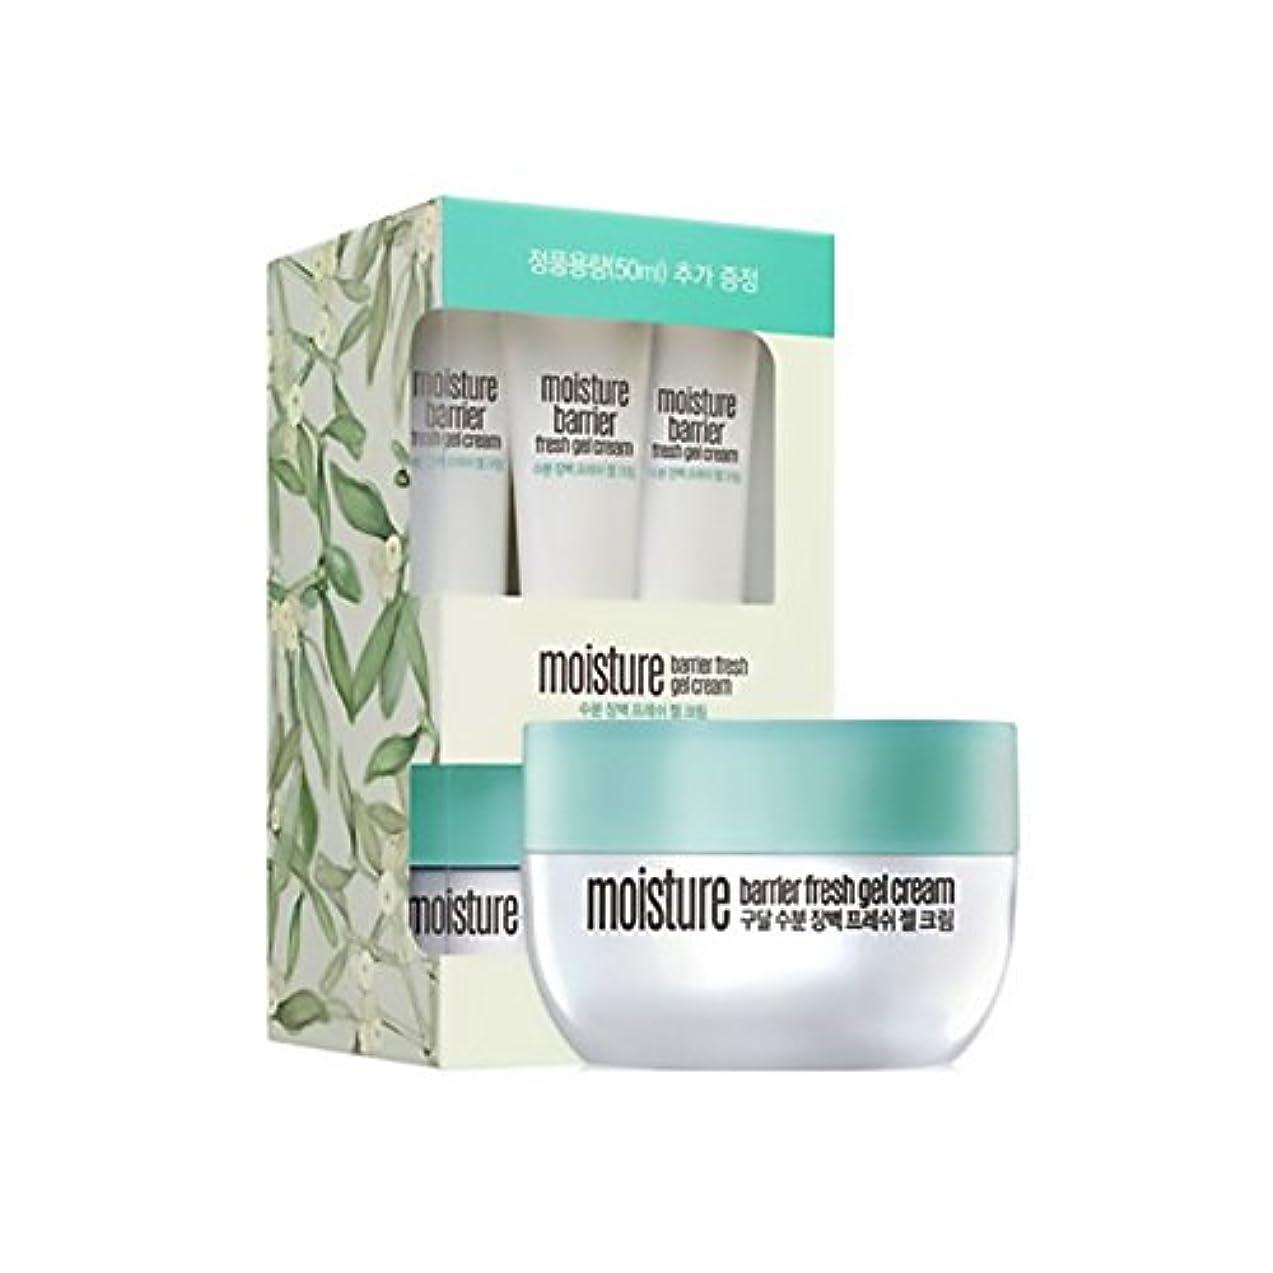 鼻誓うメンタルgoodal moisture barrier fresh gel cream set